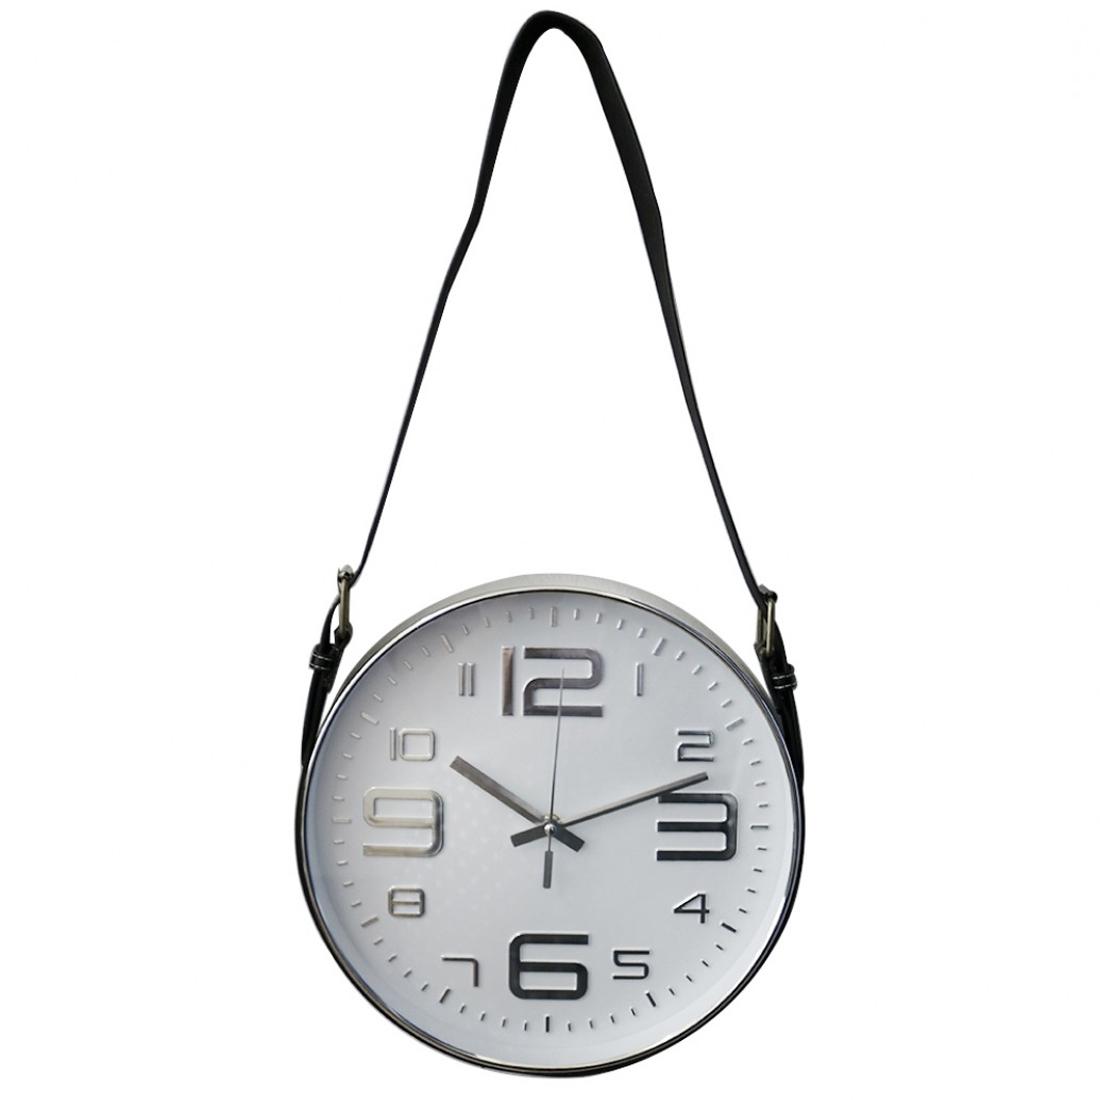 Relógio de parede com alça preto e cinza 30cm 1 pilha AA